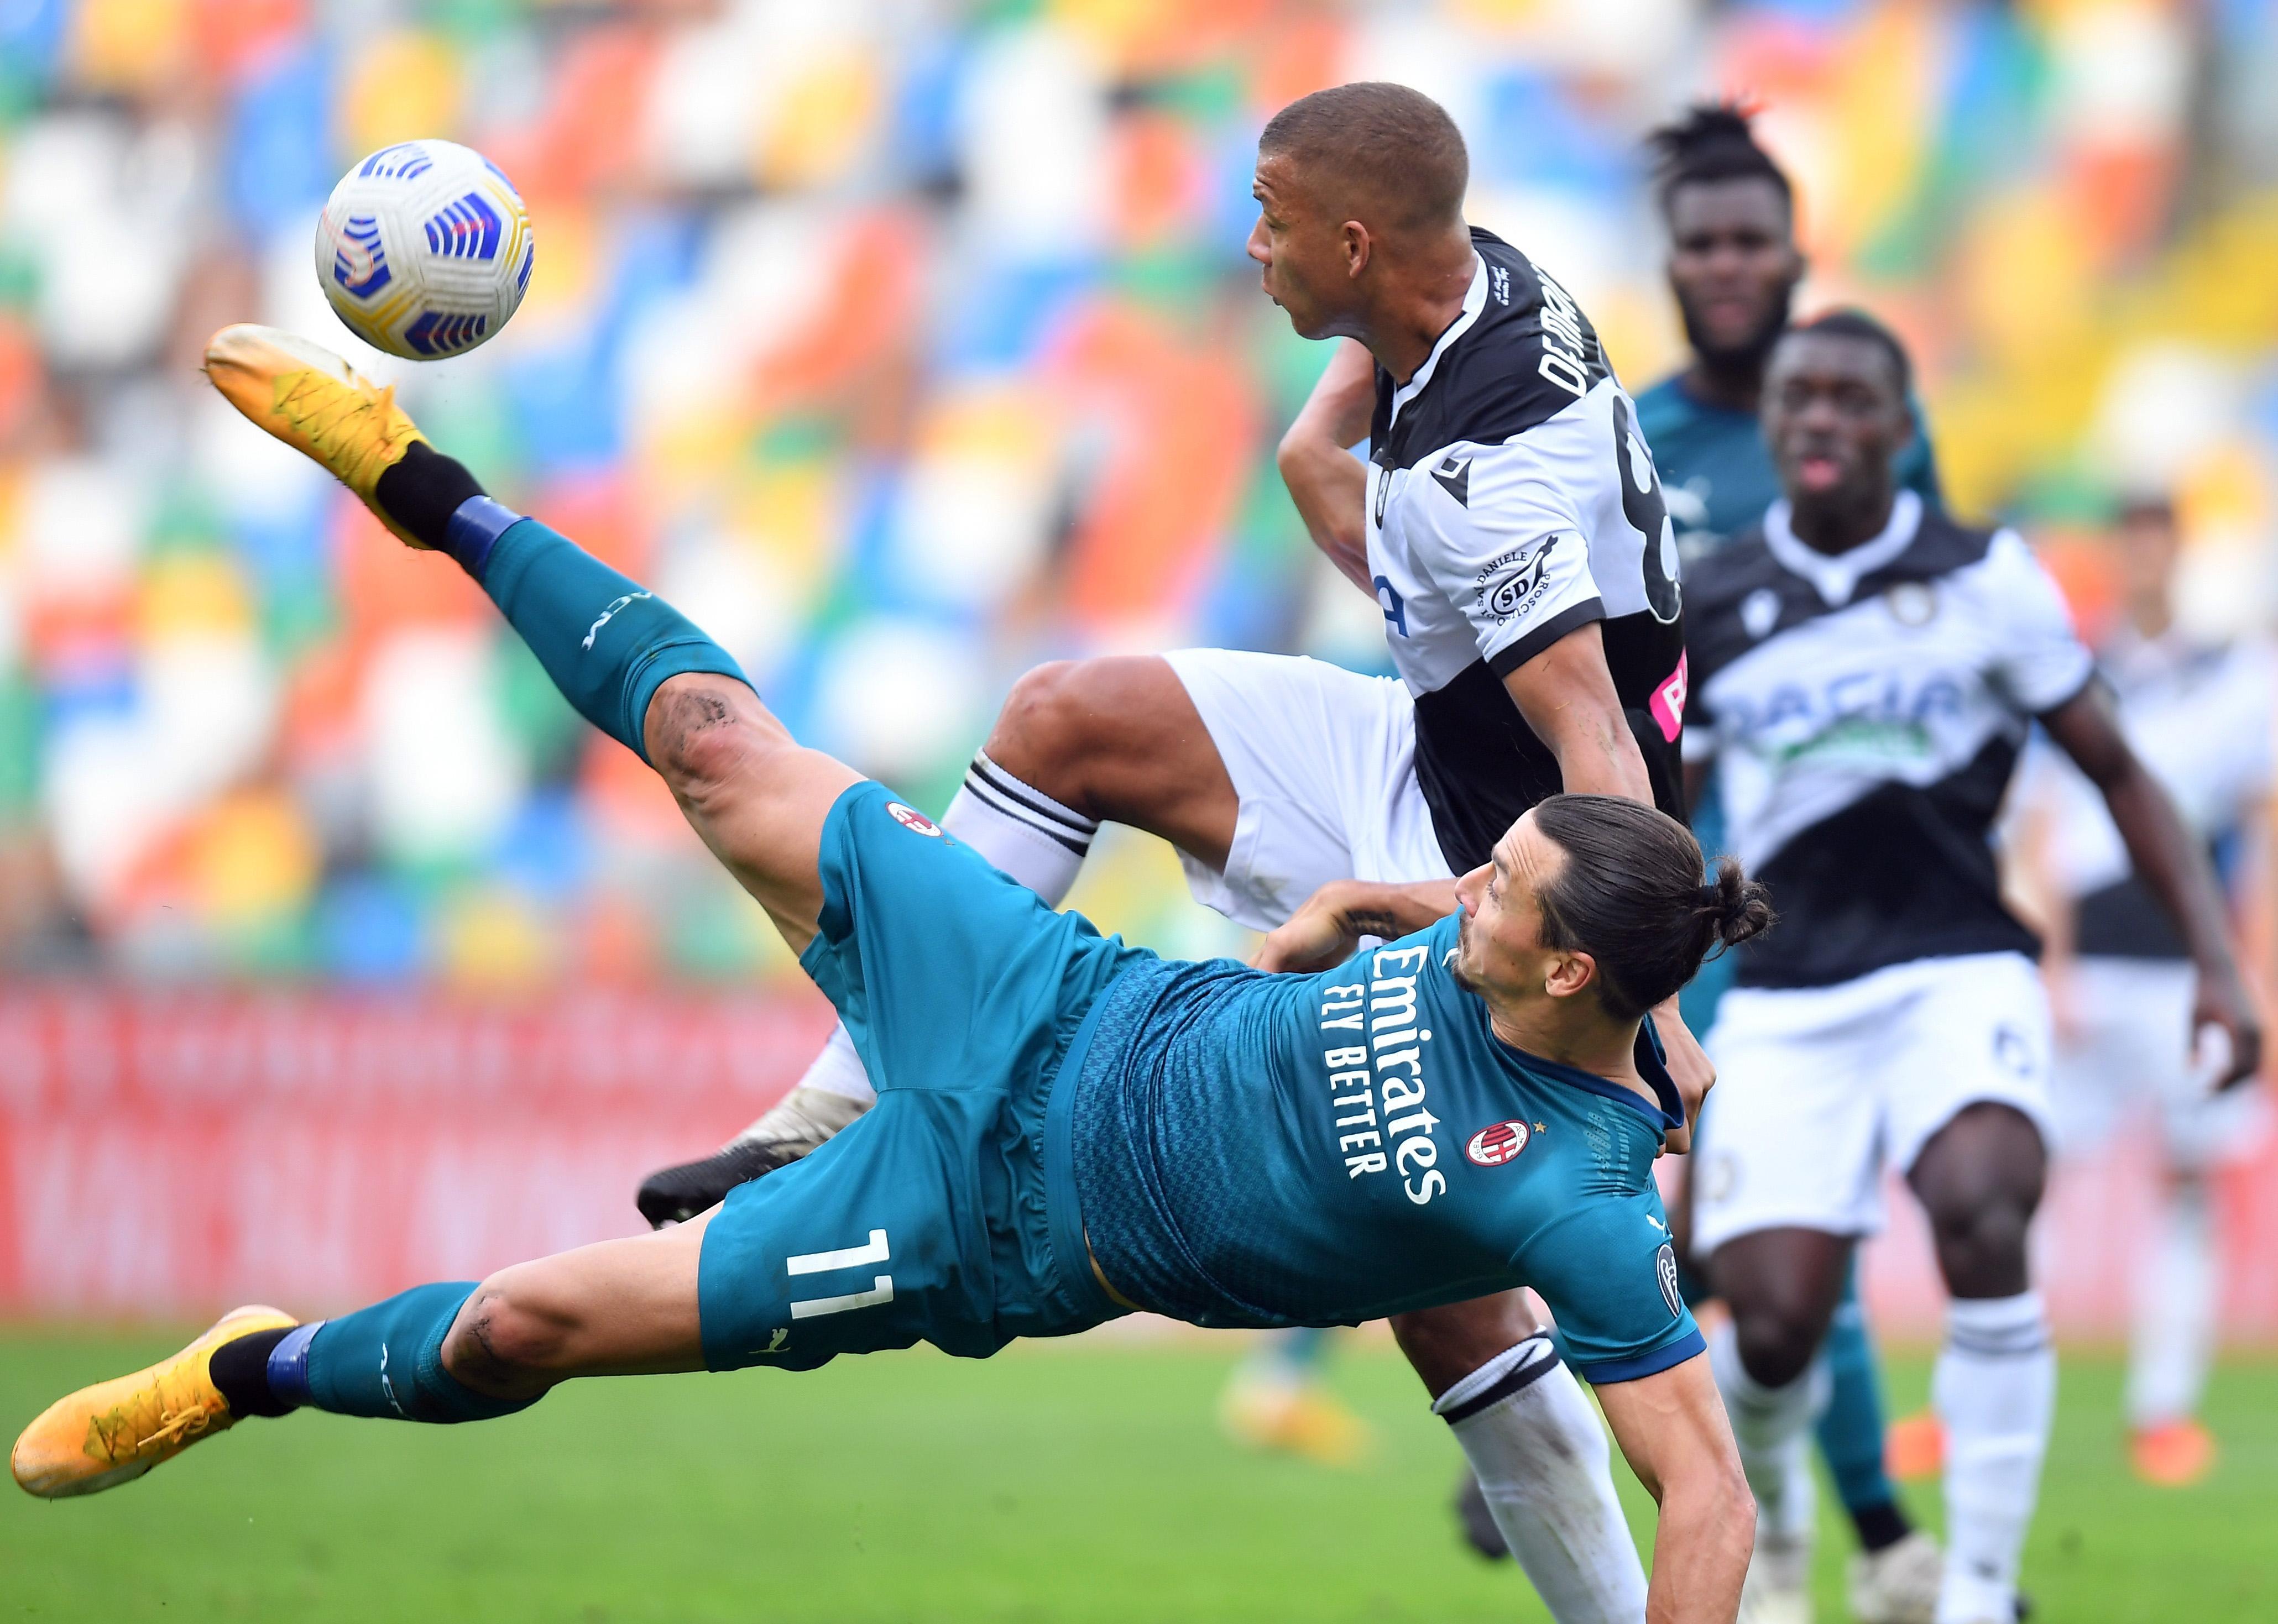 Zlatan Ibrahimovic volvió a brillar con una chilena notable en la victoria del Milan frente al Udinese - Infobae